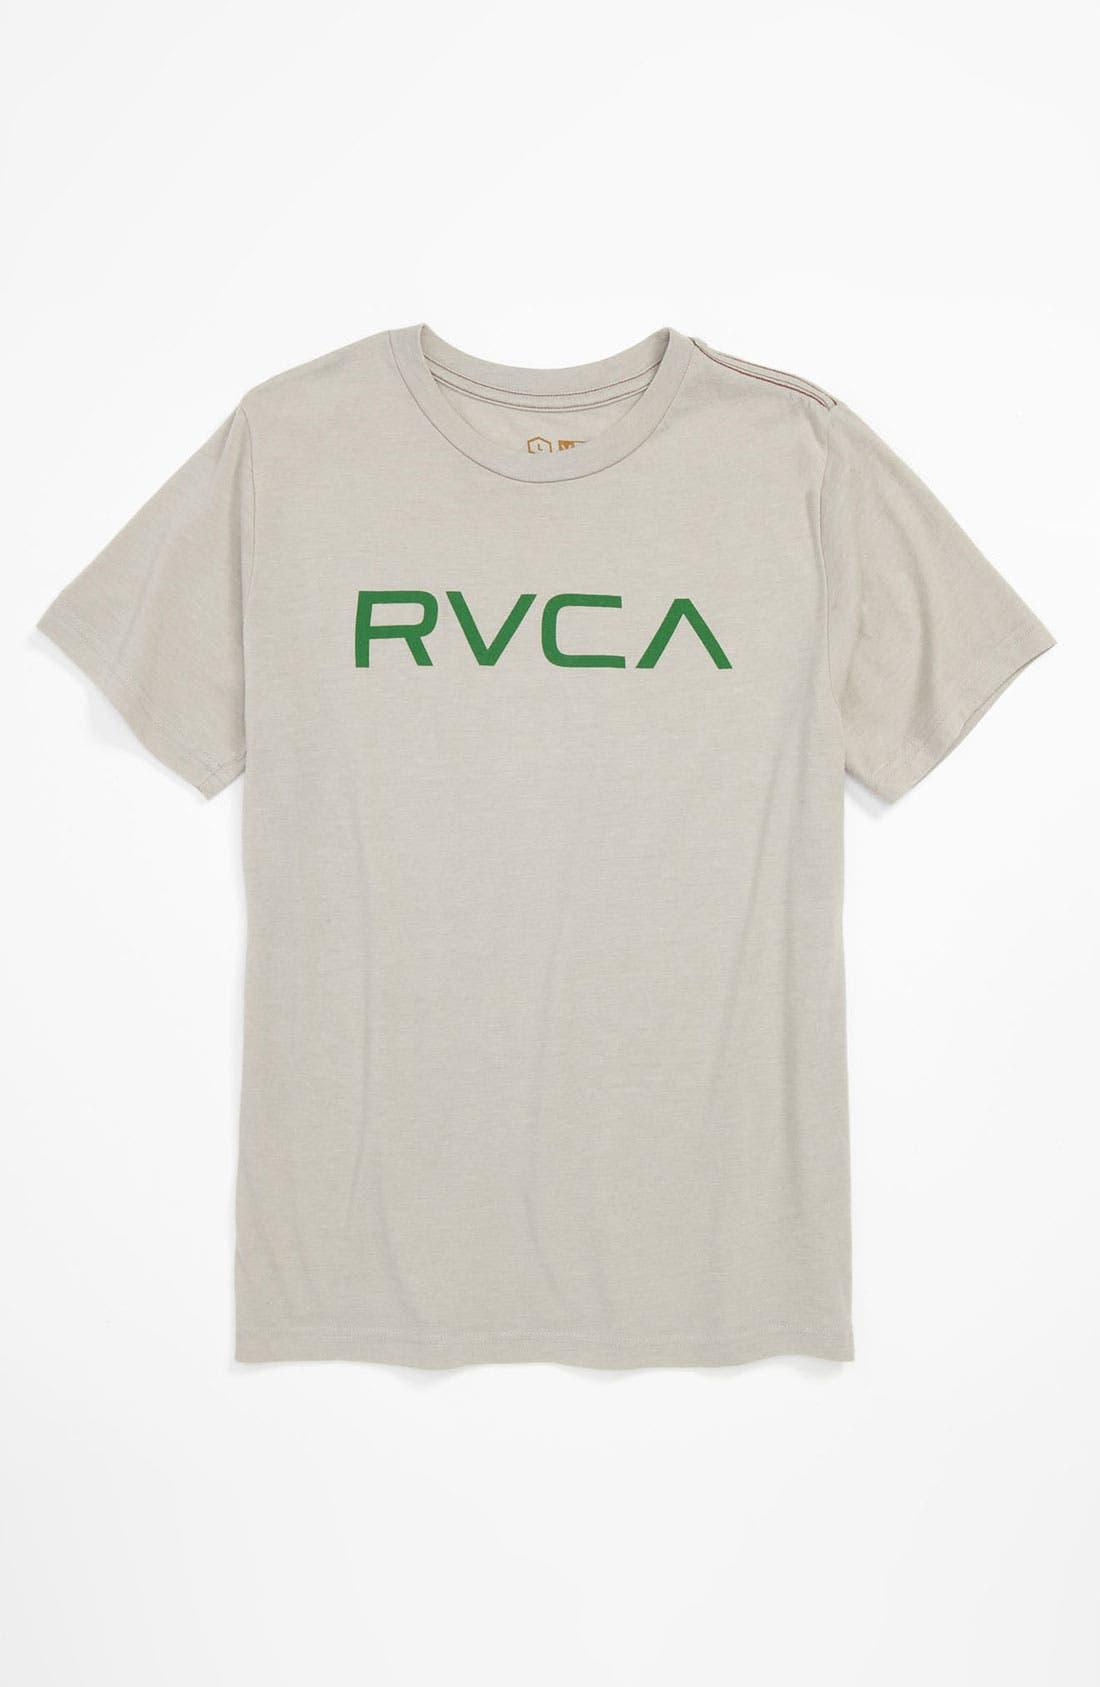 Main Image - RVCA 'Big RVCA' T-Shirt (Big Boys)